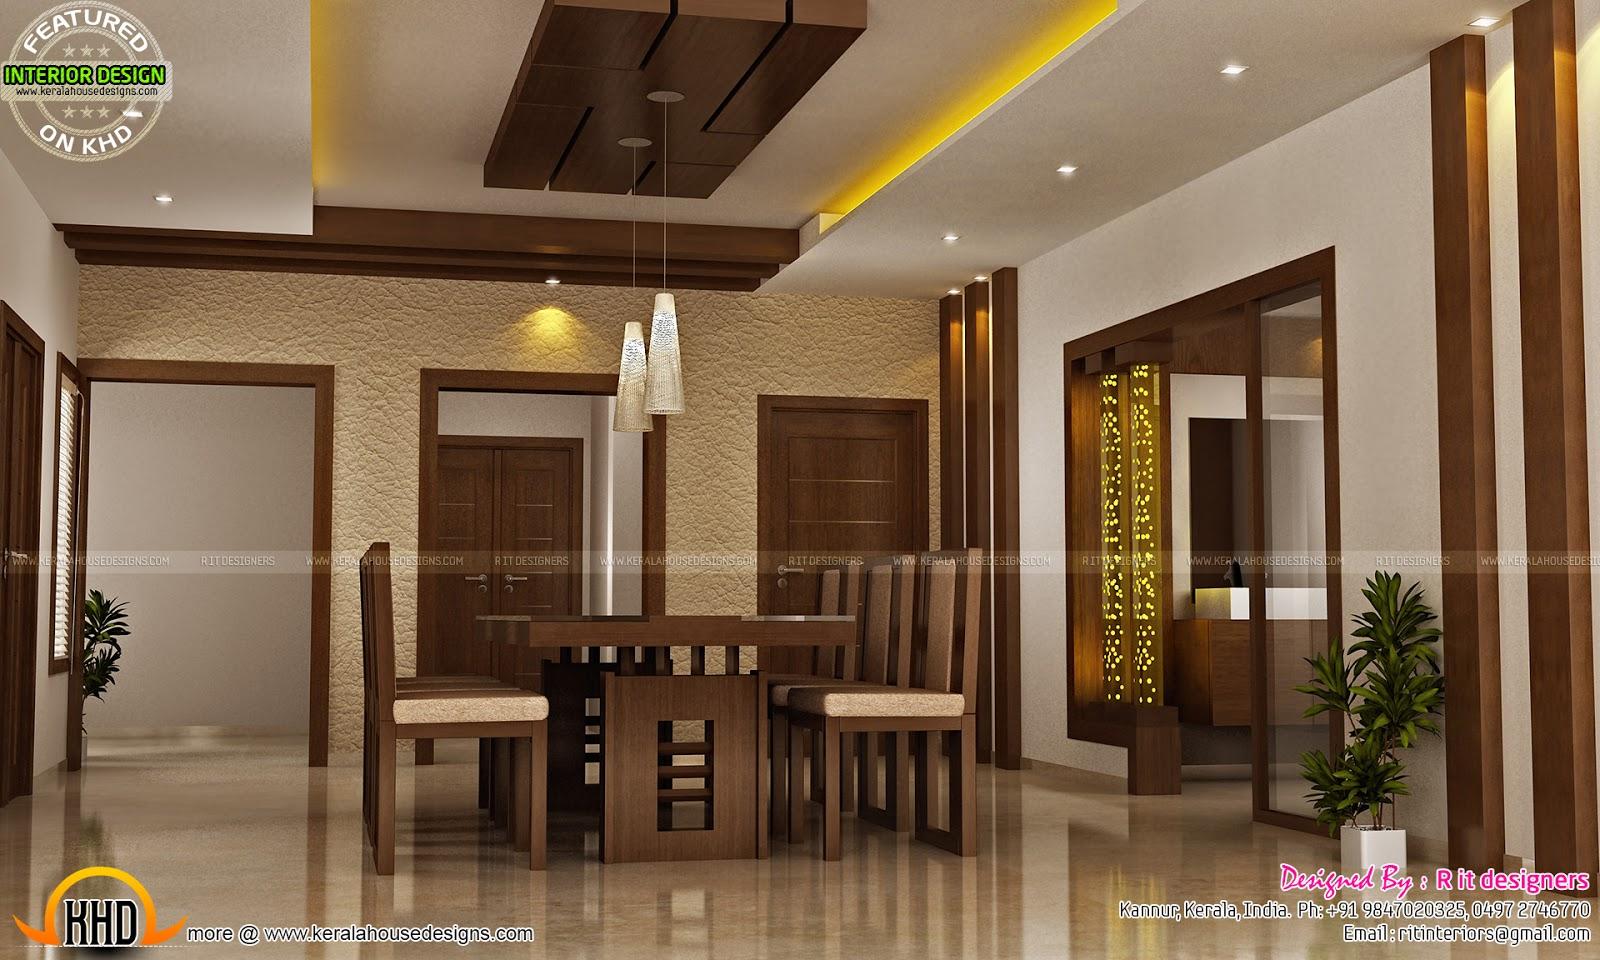 Home Design Indoor Luxurious 9 Bedroom Spanish Home With Indoor